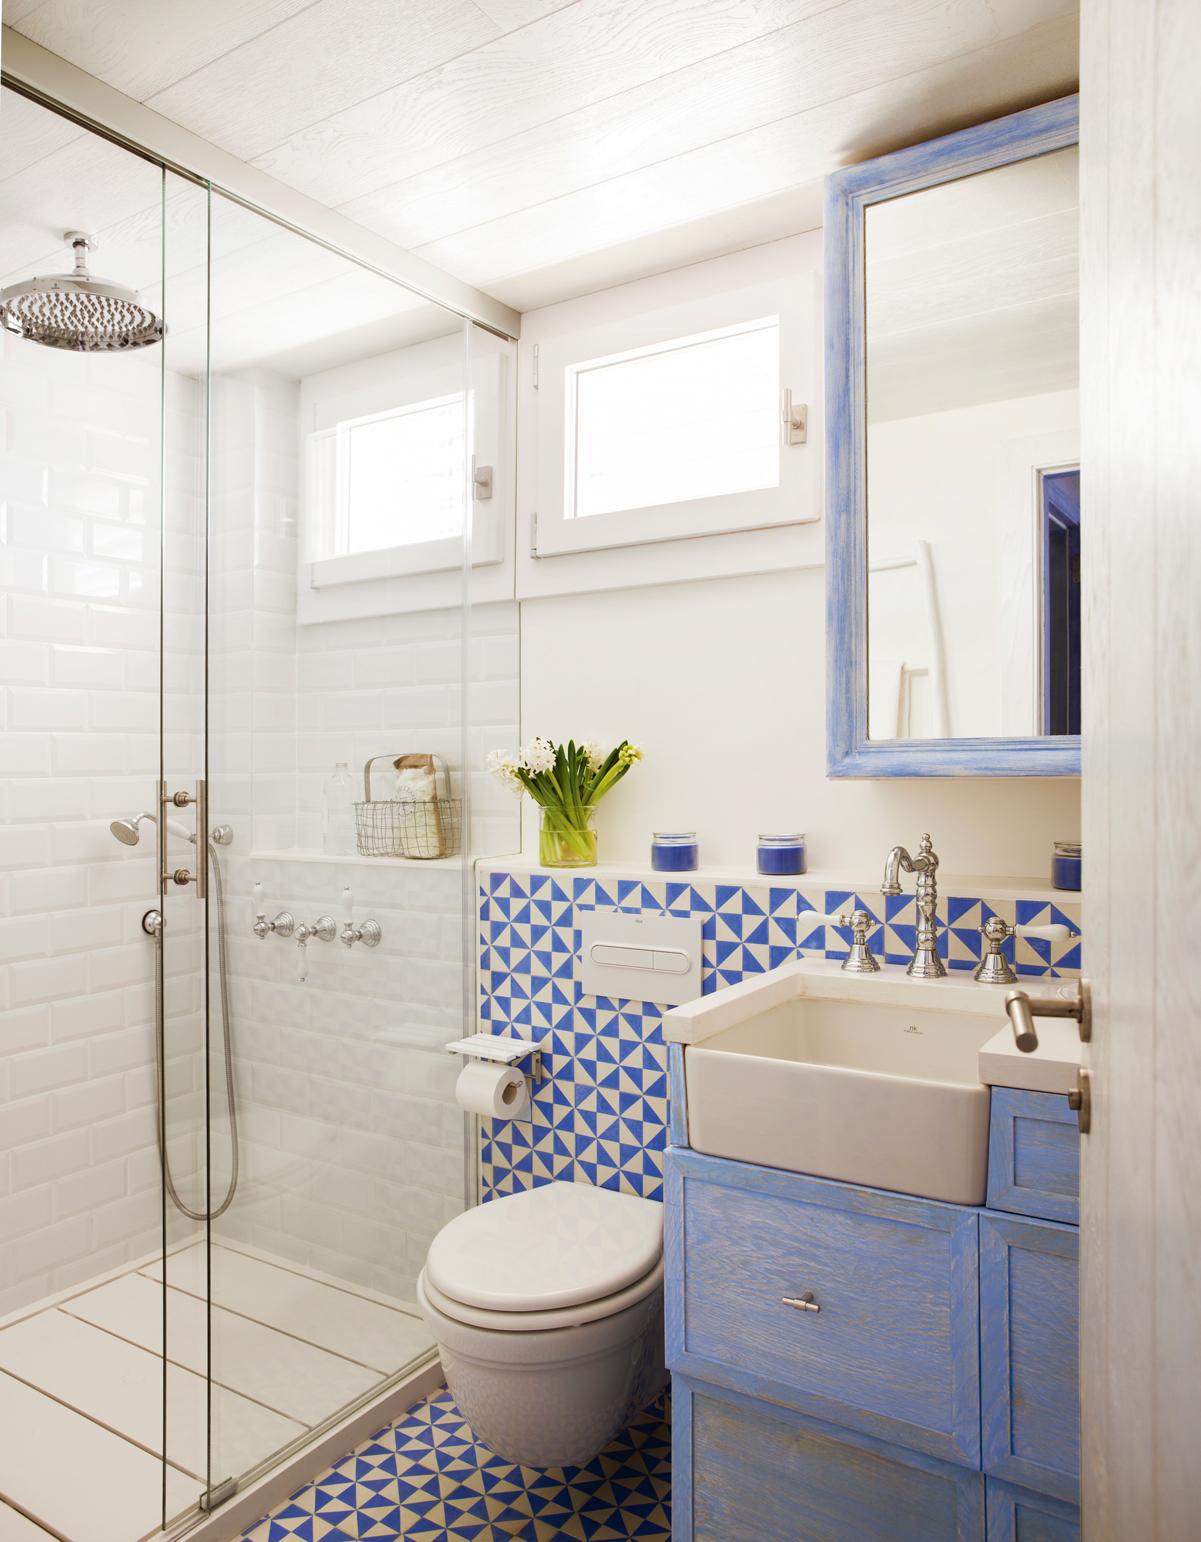 10 ideas geniales para ba os peque os - Pintar mueble bano ...